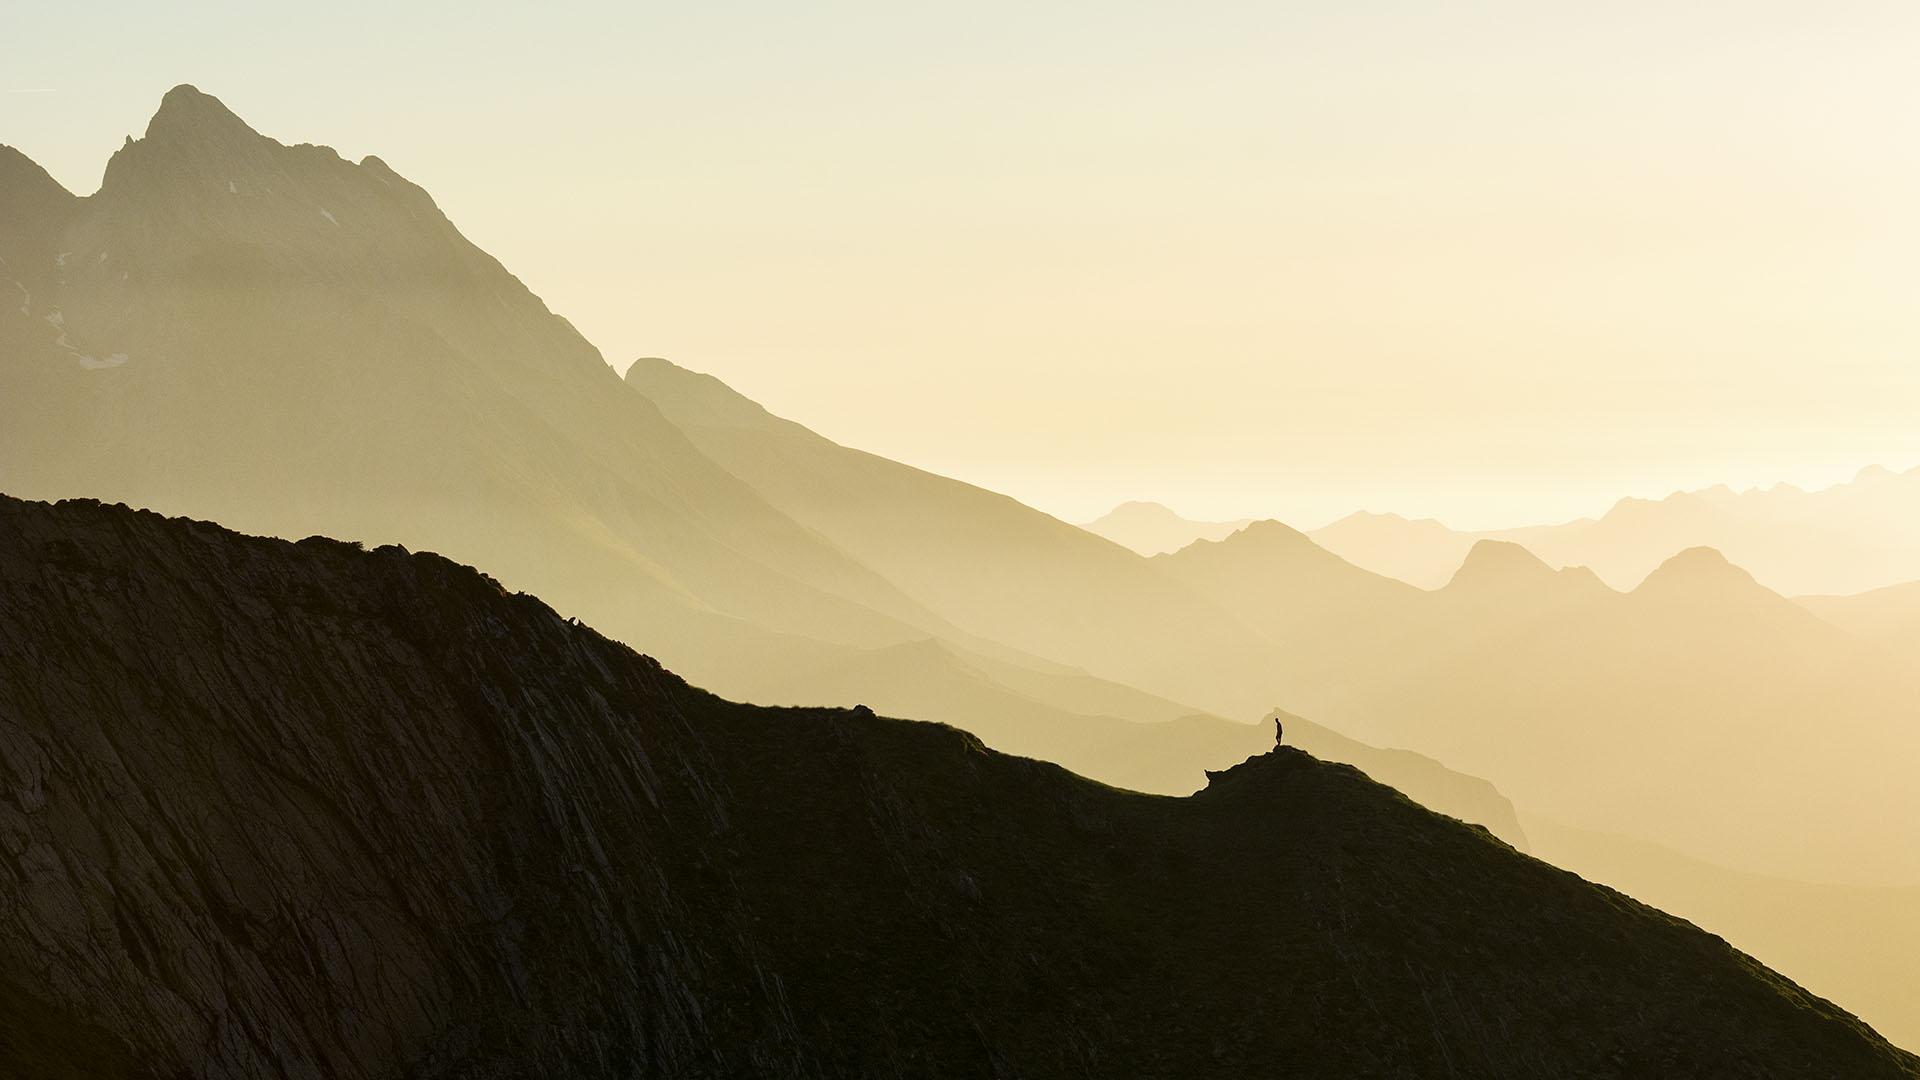 Perfiles - Deportes y aventuras - Iñaki Larrea, Fotografía de naturaleza y montaña